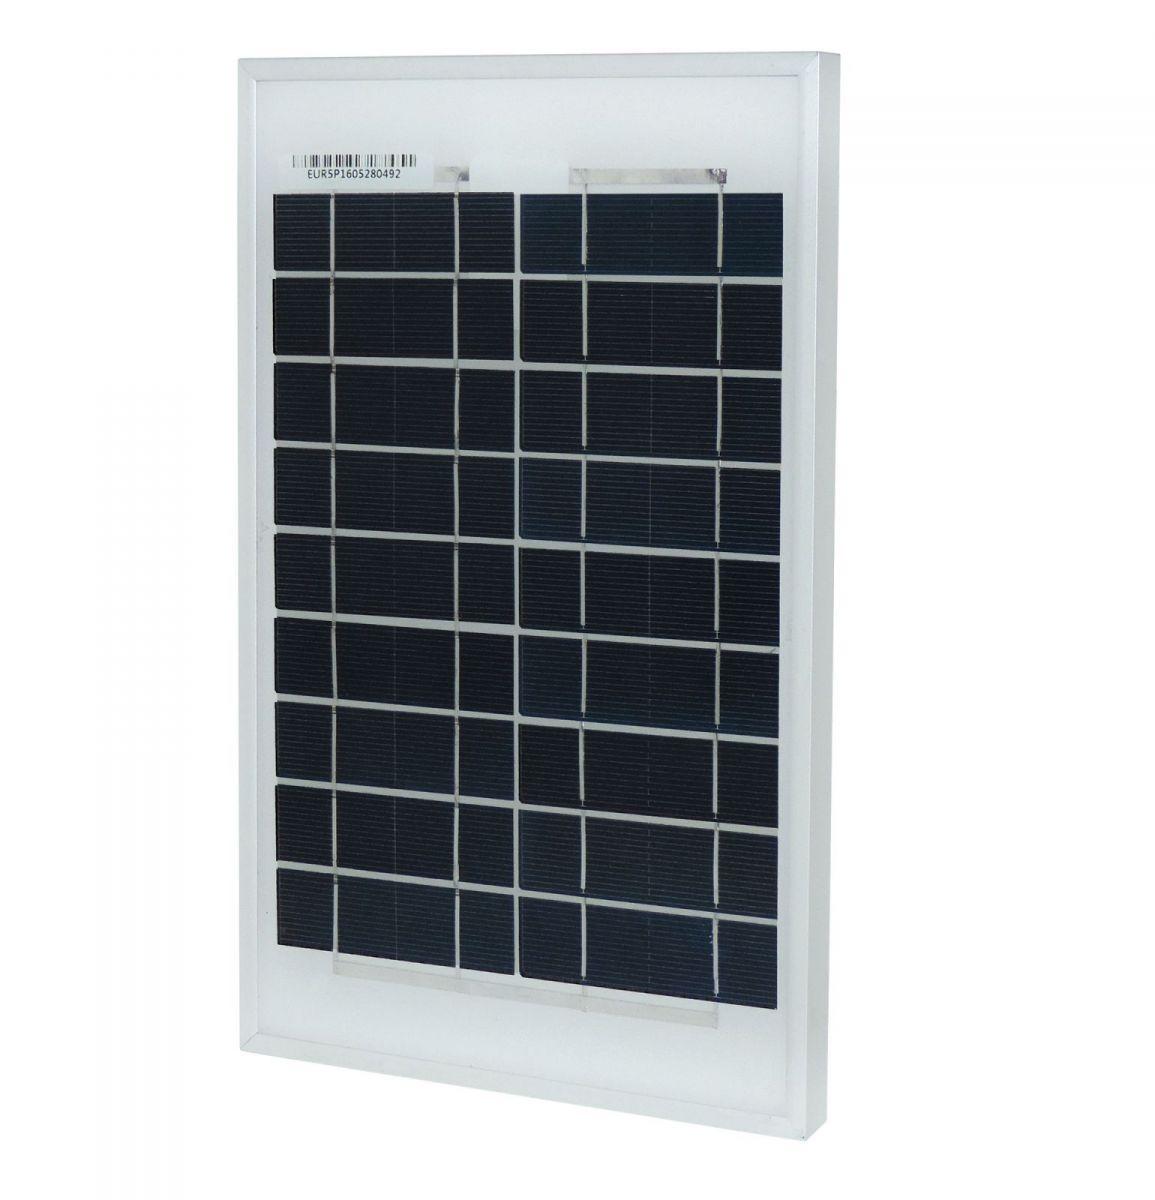 Pannello Solare Da 6v : Pannello solare w v modulo fotovoltaico silicio